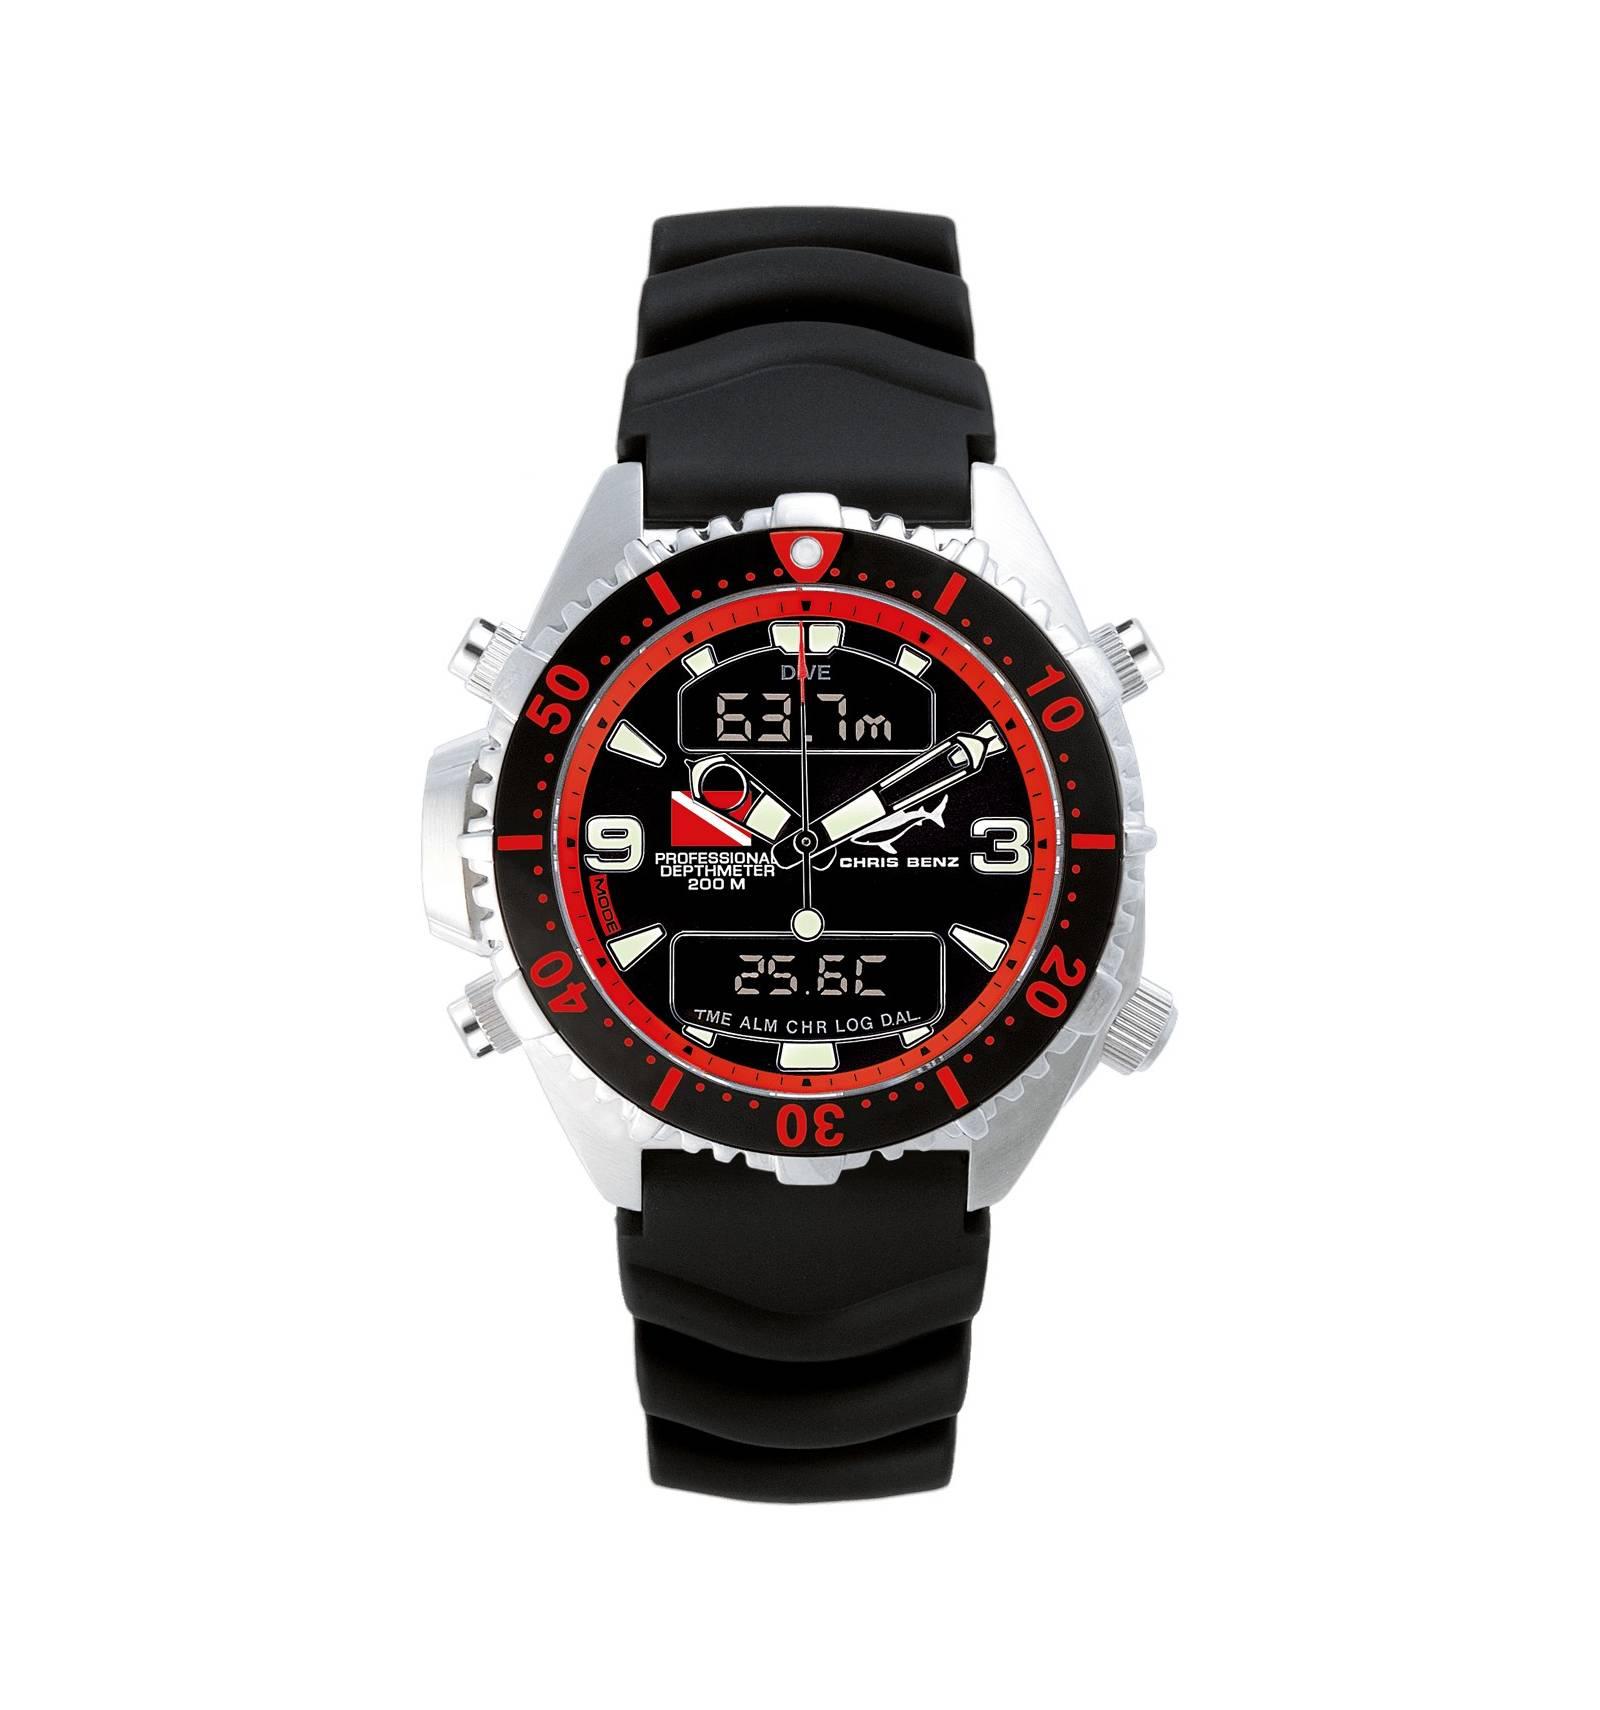 Montre depthmeter mod le digital rouge poisson de feu chris benz plong e montres plong e - Modele poisson ...